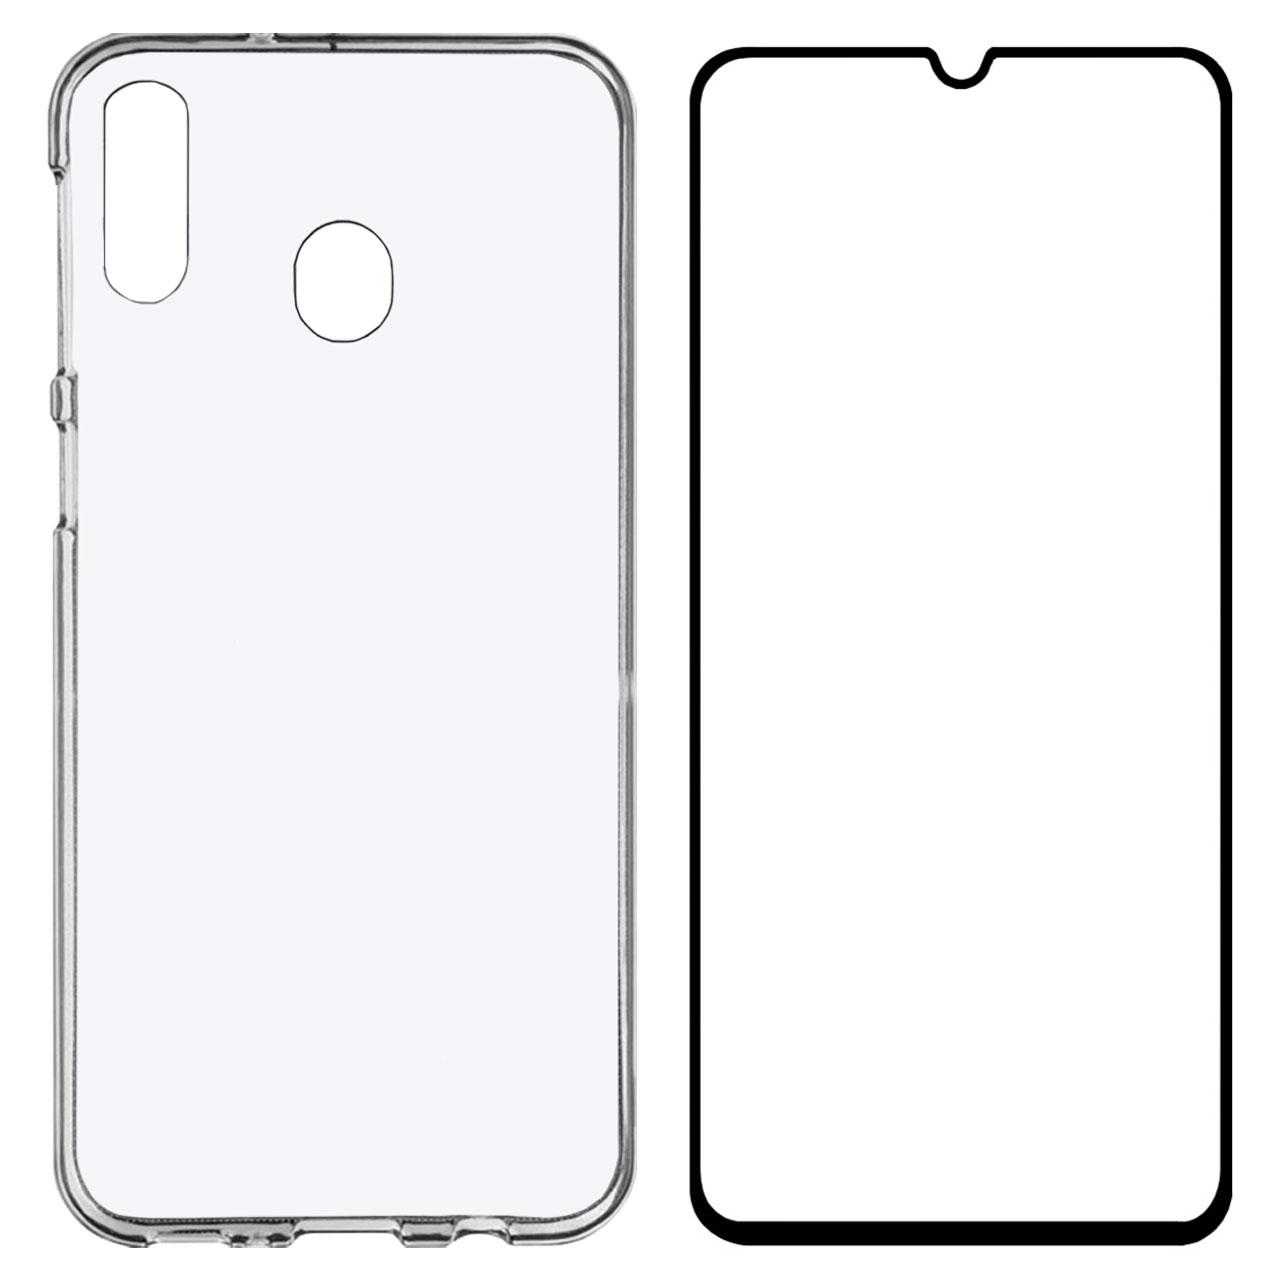 کاور مدل BLKN مناسب برای گوشی موبایل سامسونگ Galaxy A20 به همراه محافظ صفحه نمایش